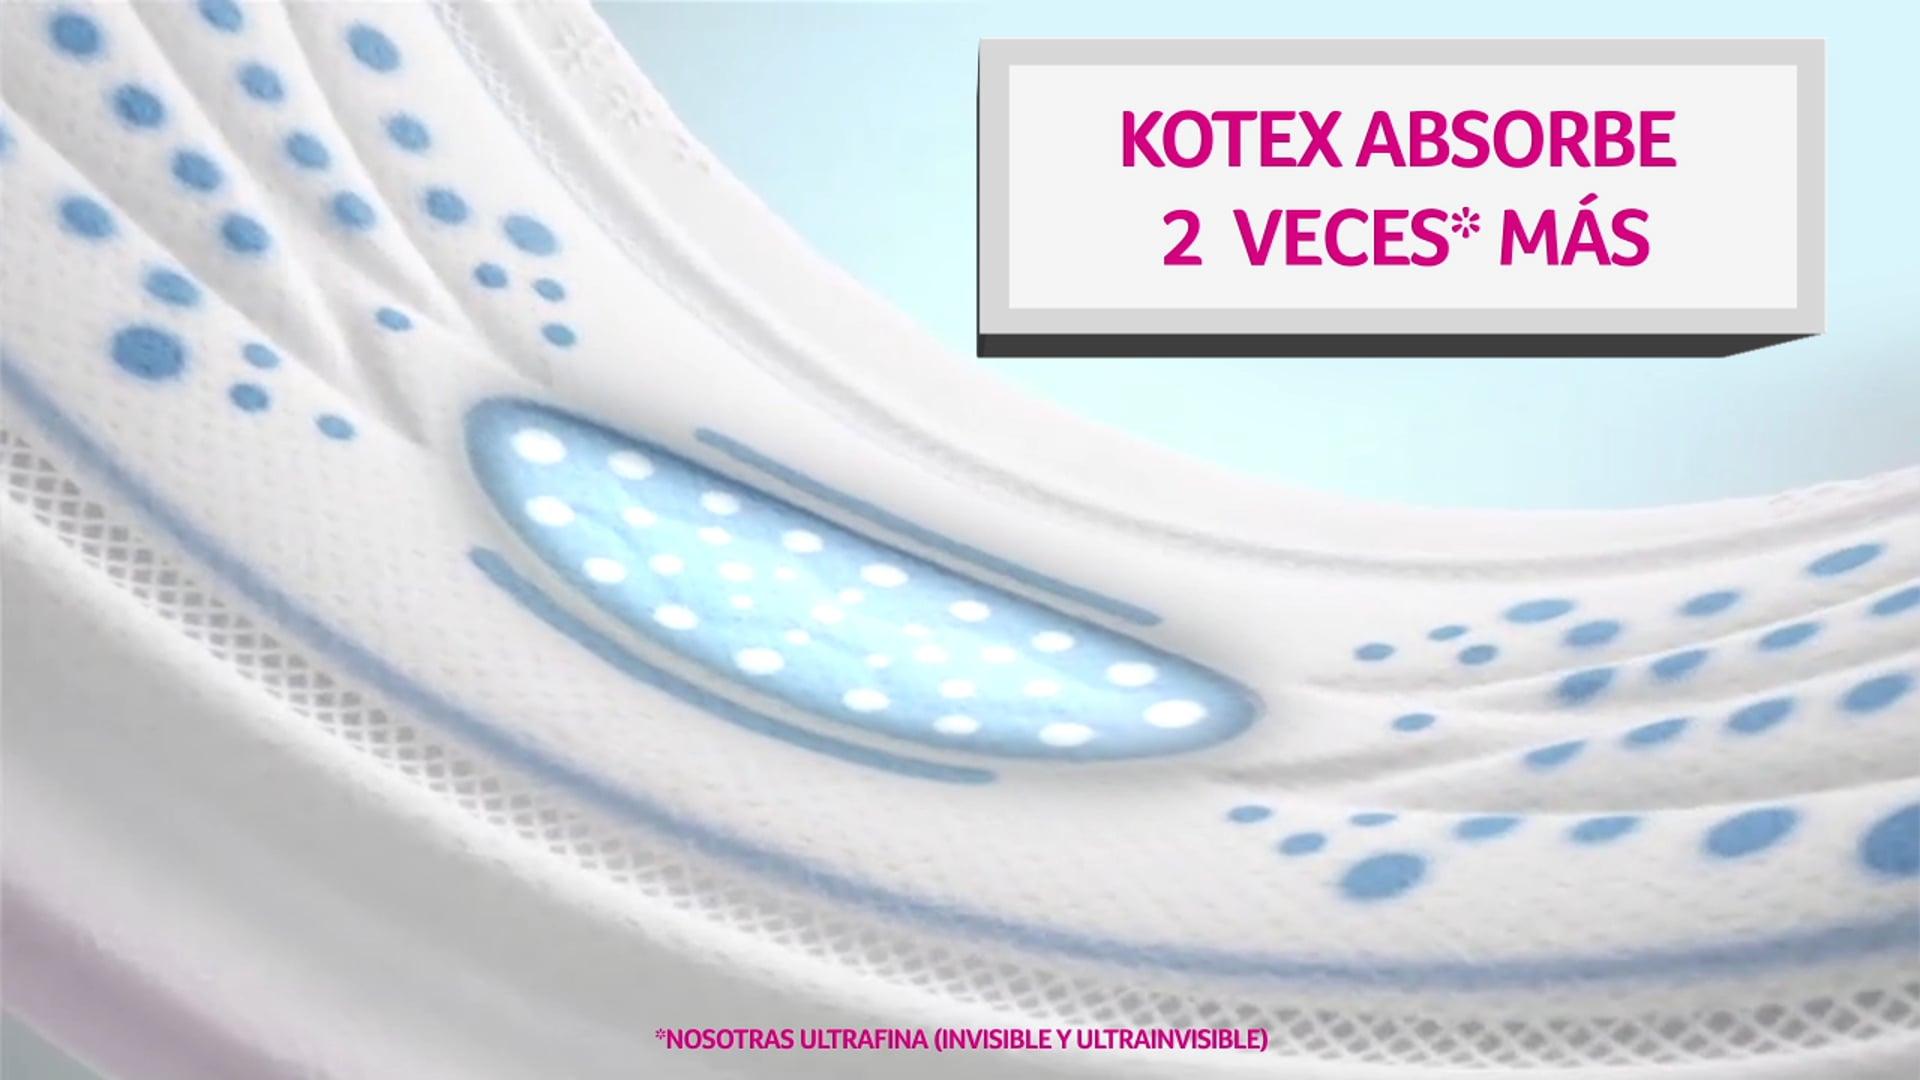 Kimberly Clark - Kotex Ultrafina